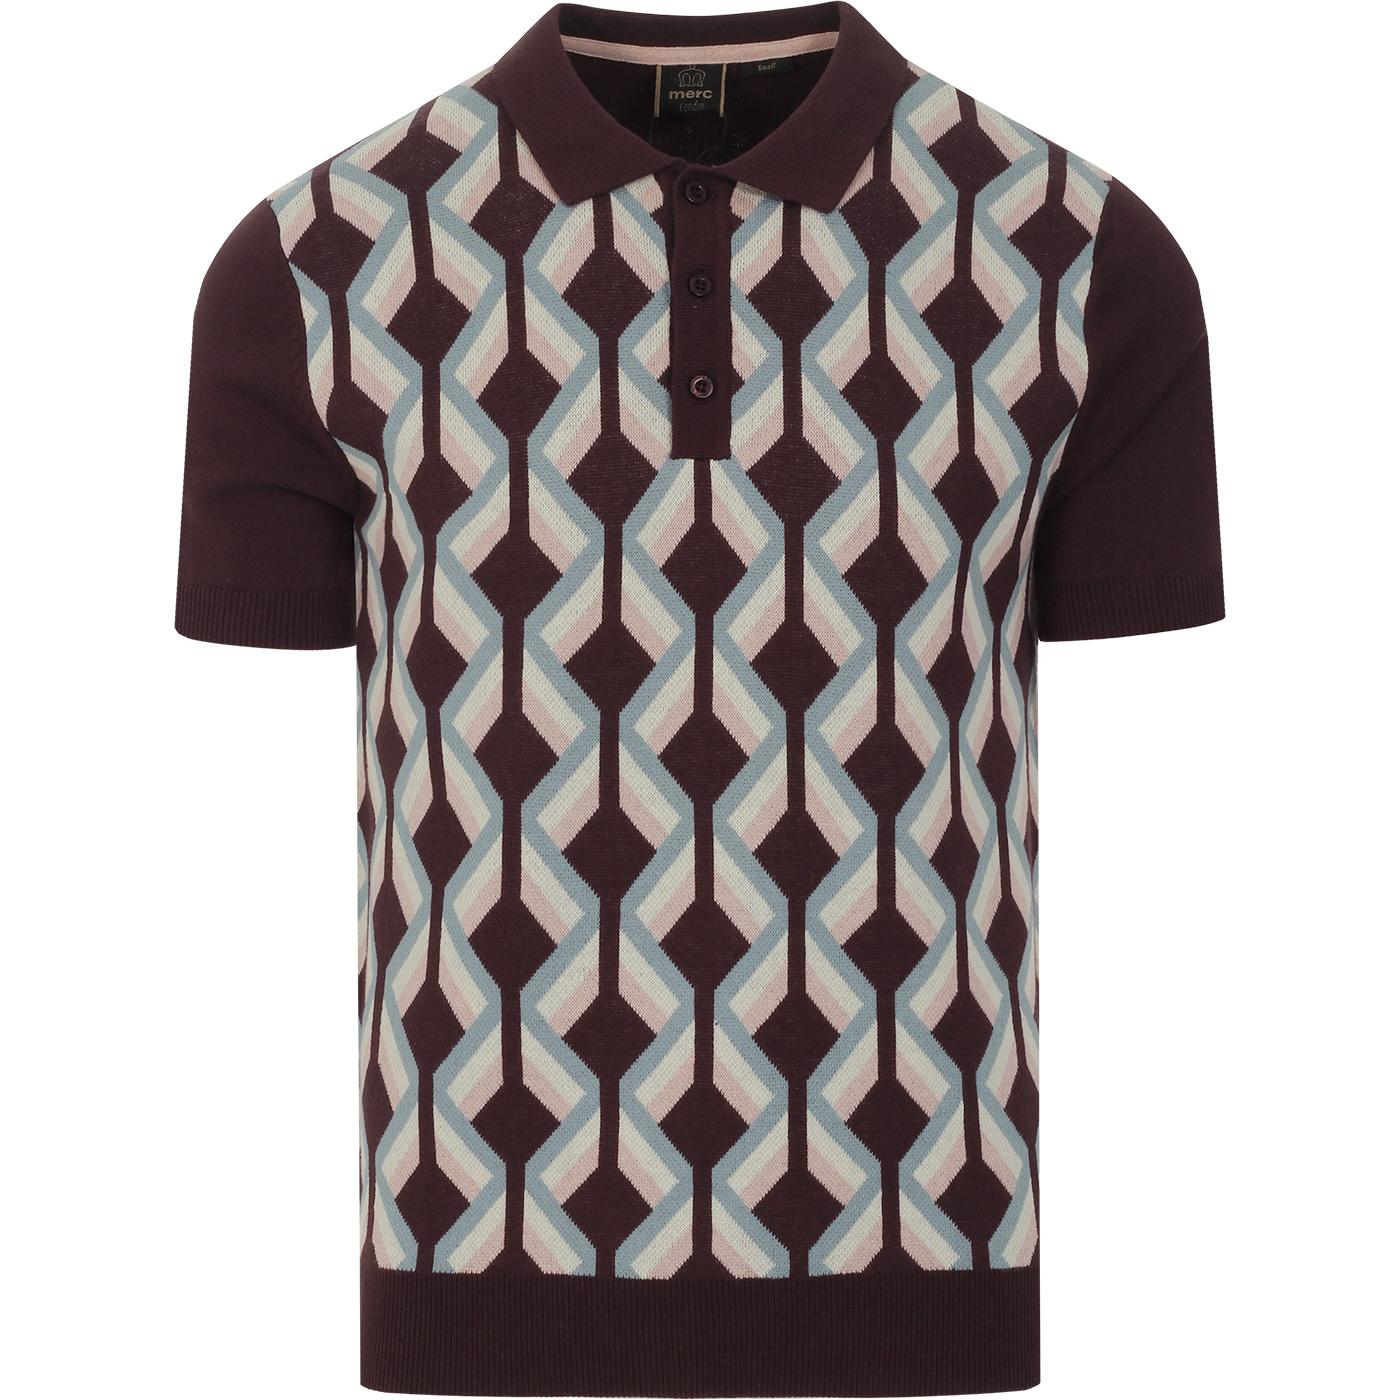 Jordan MERC Argyle Twist 60s Mod Knit Polo (Grape)